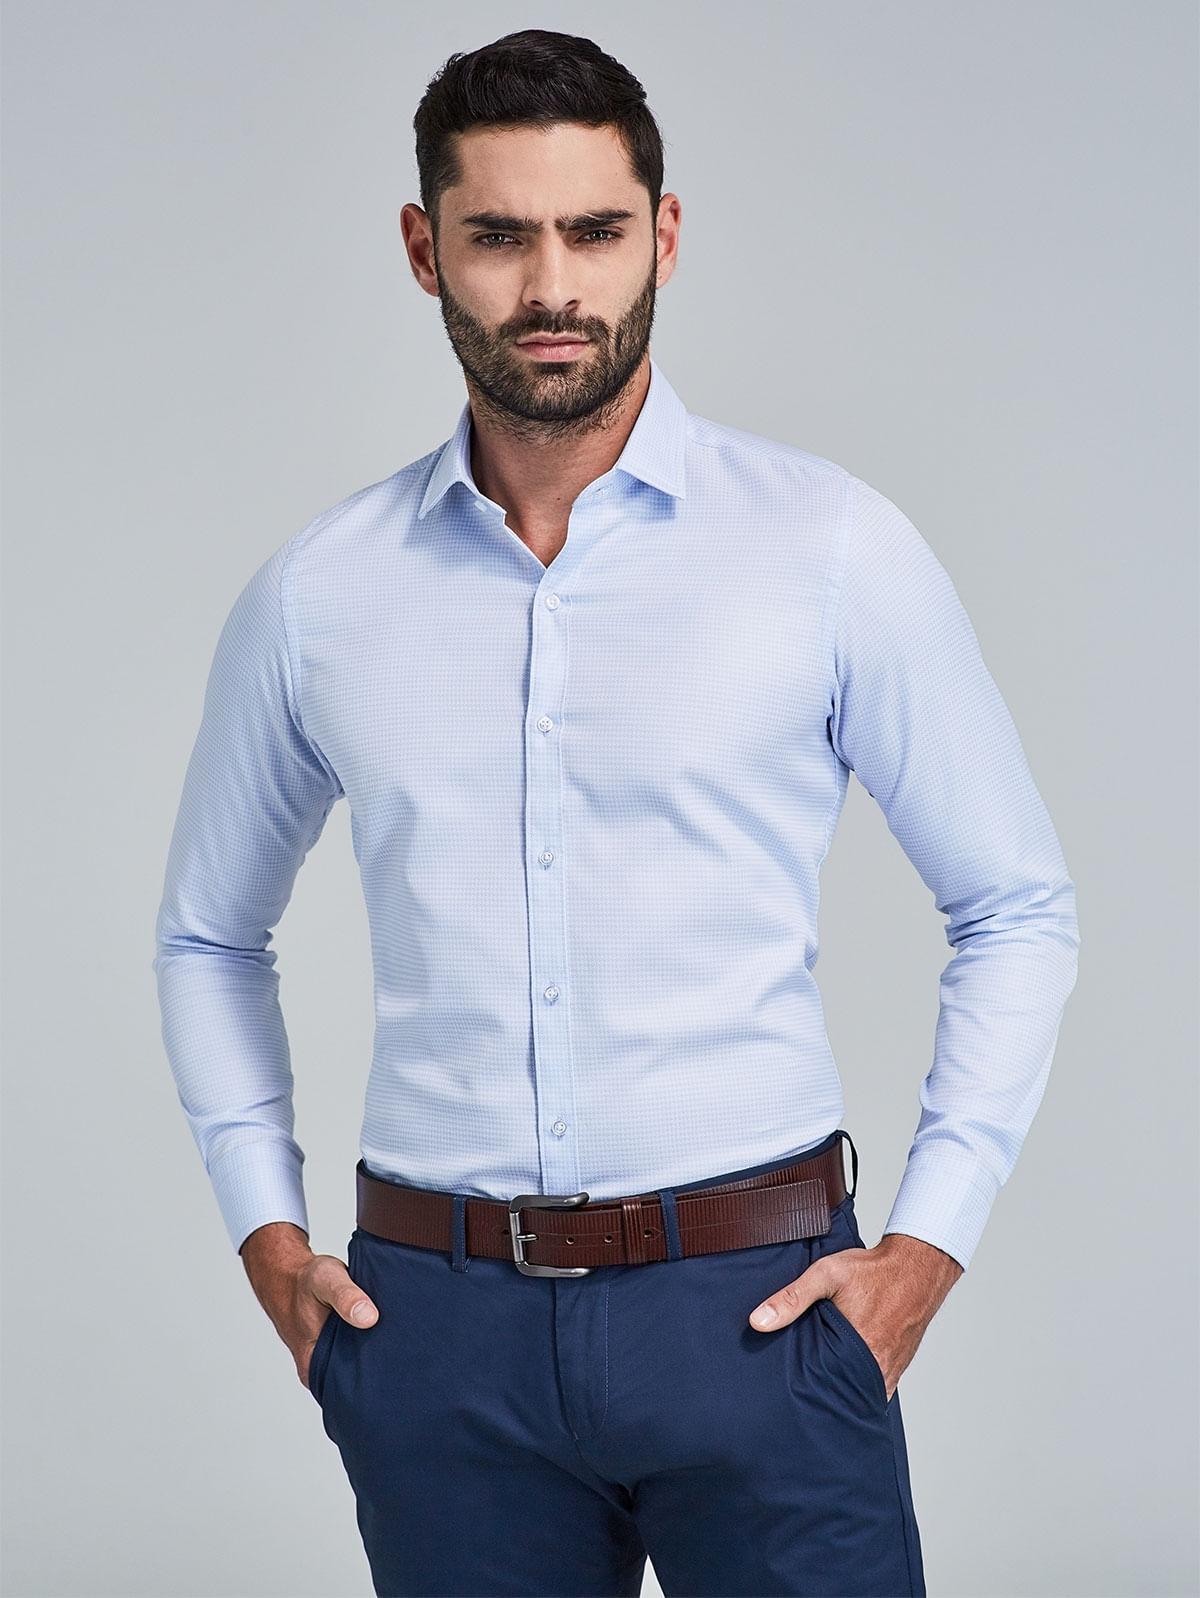 fd8f65ee25 Camisa Regular Fit con Textura 75357 - Arturo Calle